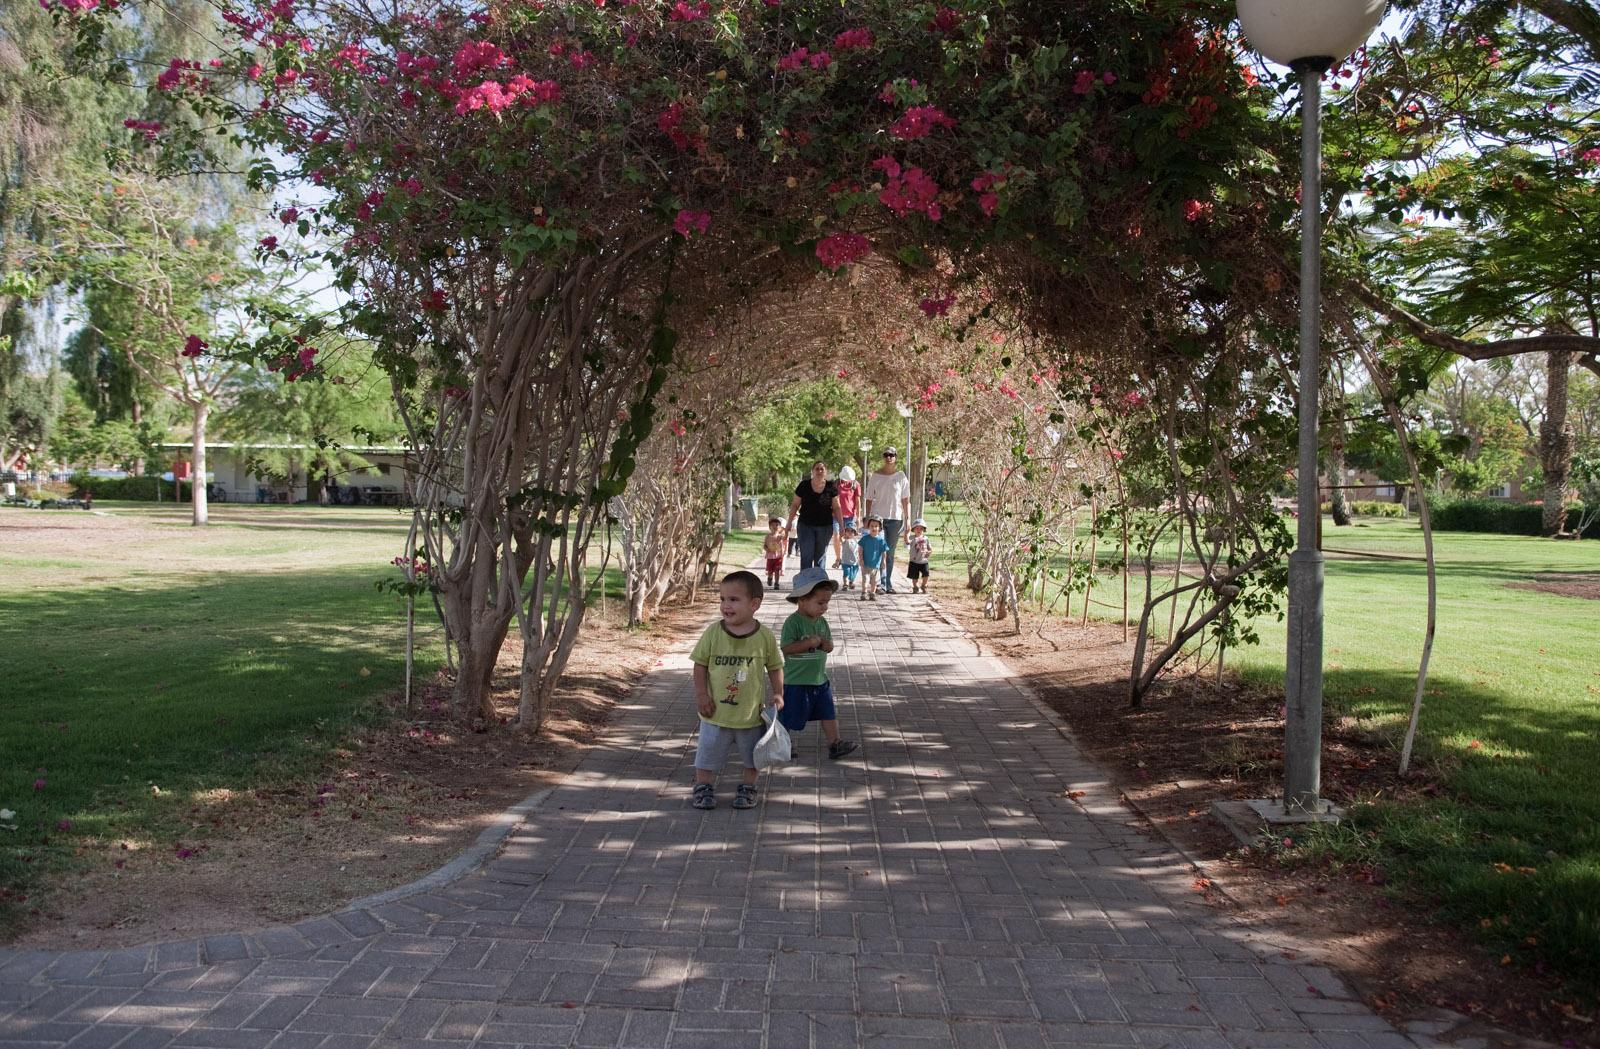 Le matin, les enfants font une promenade à travers le kibbutz